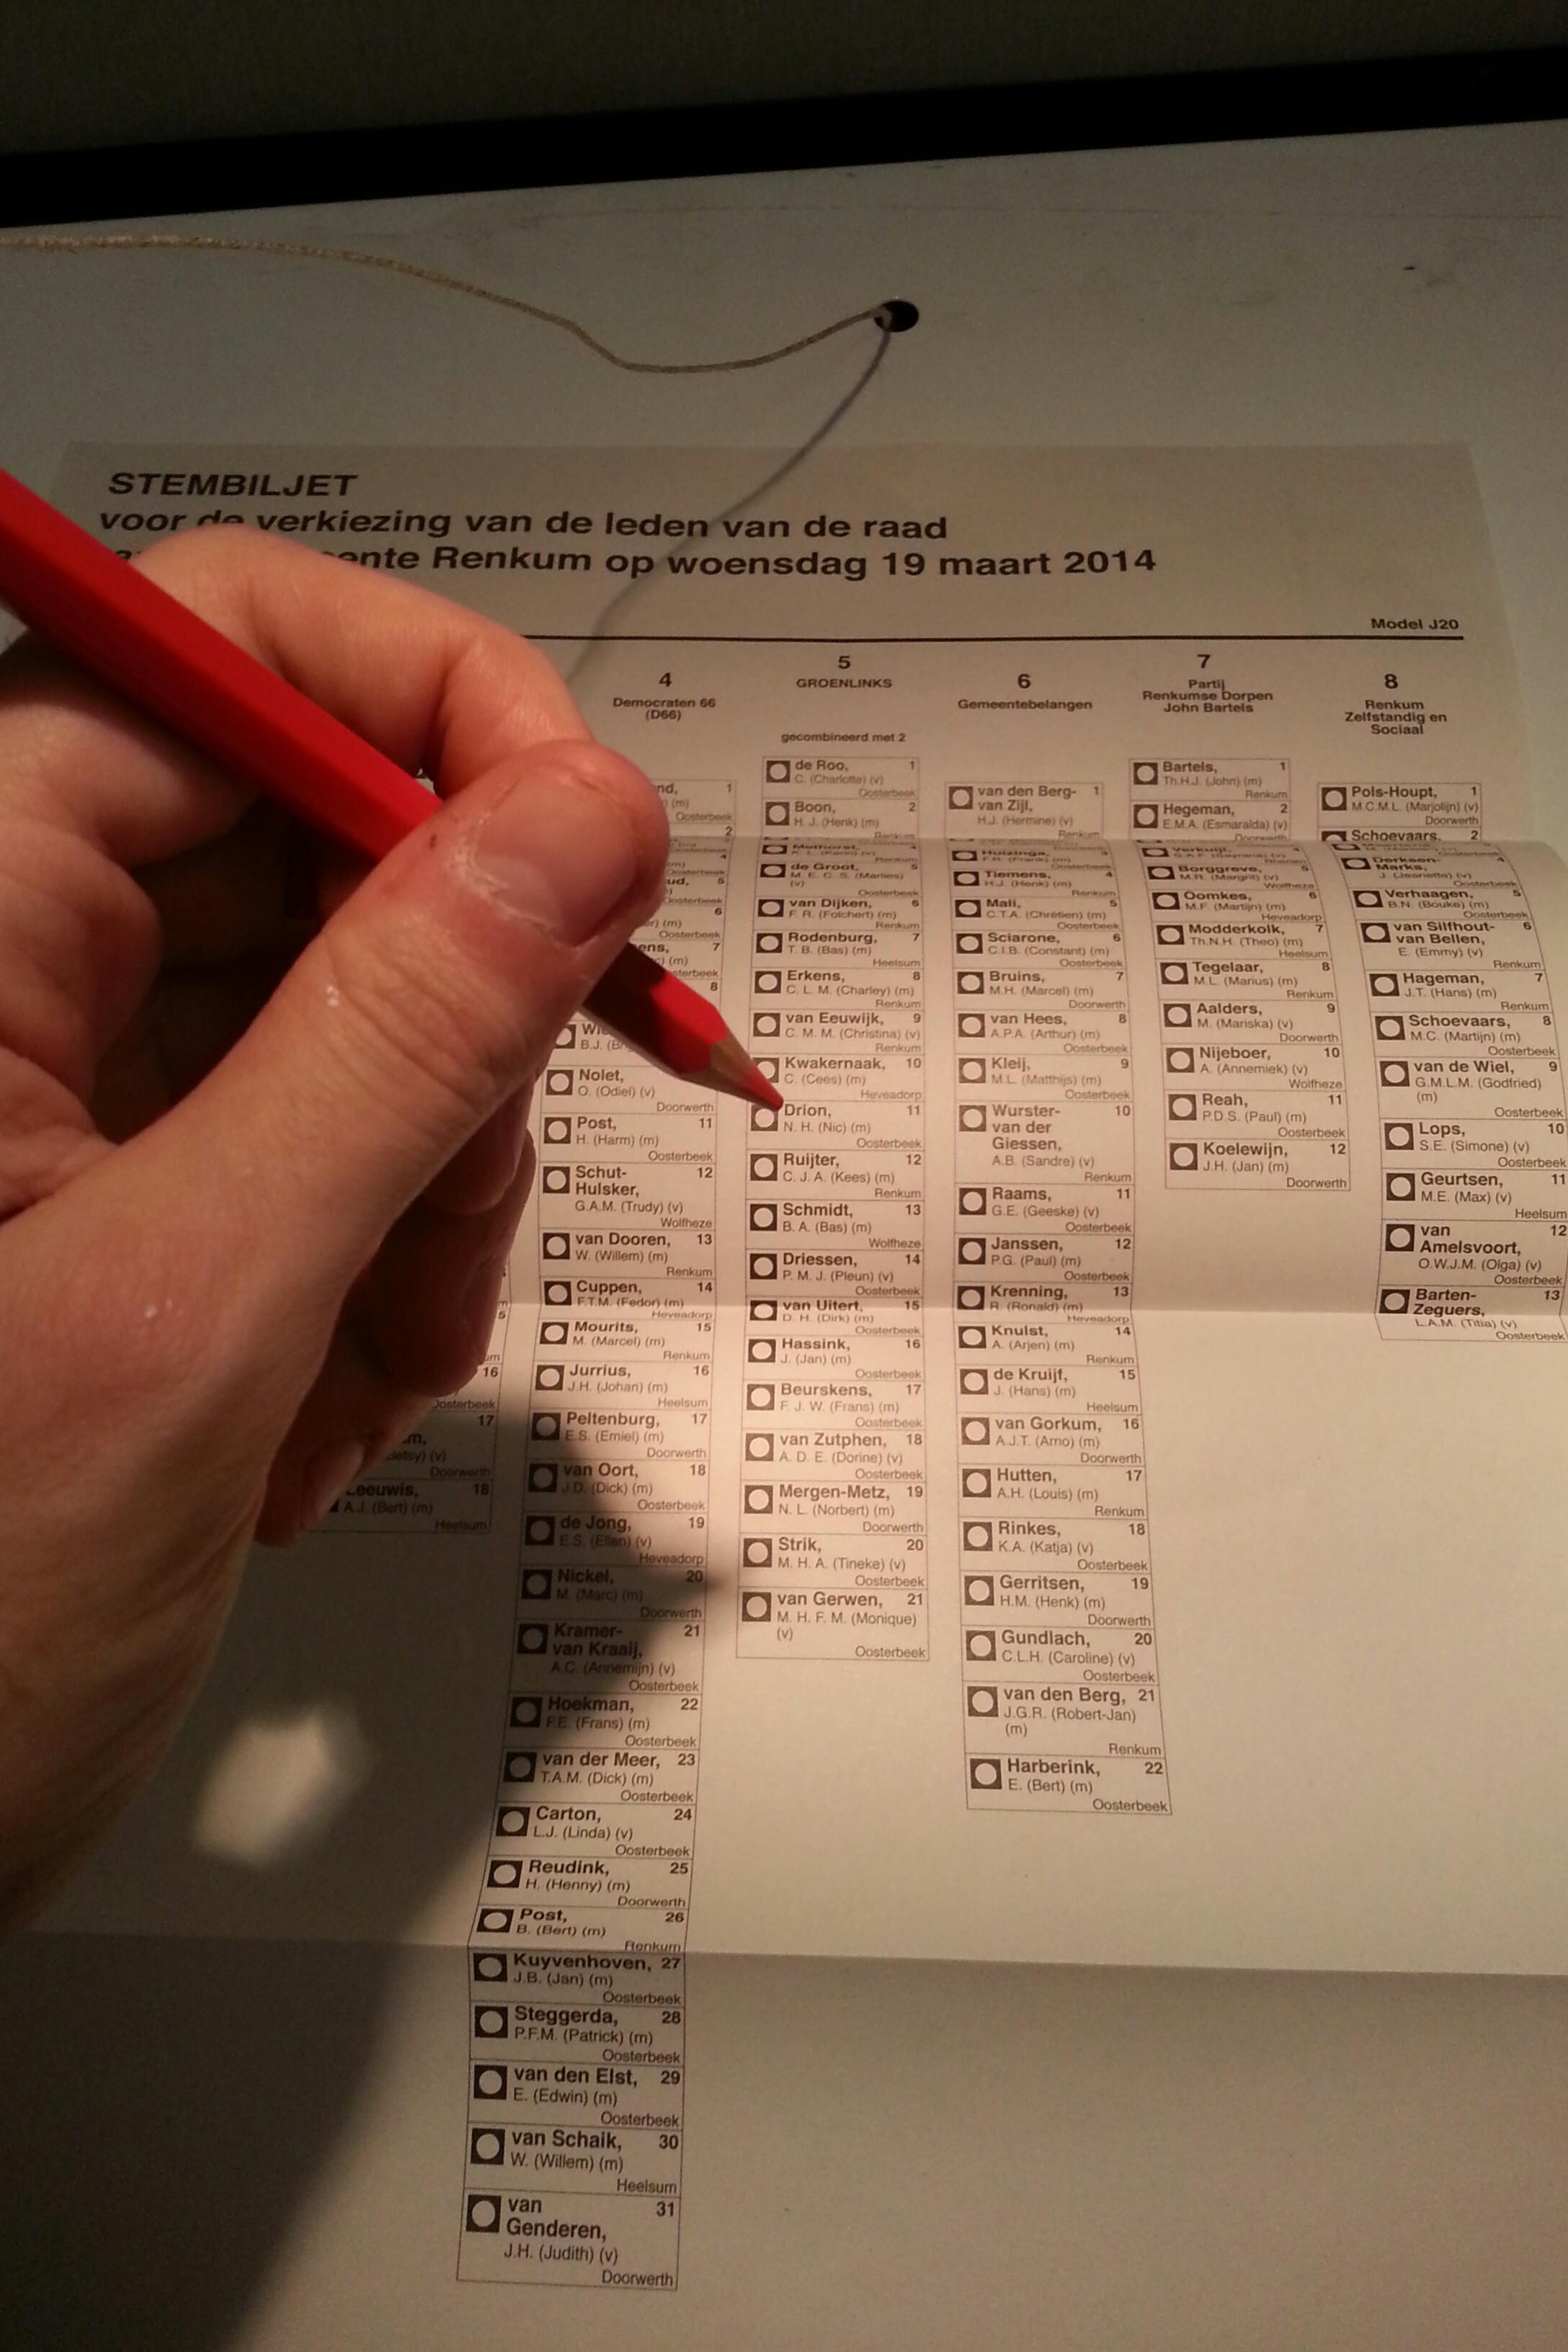 verkiezingen in nederland wikipedia